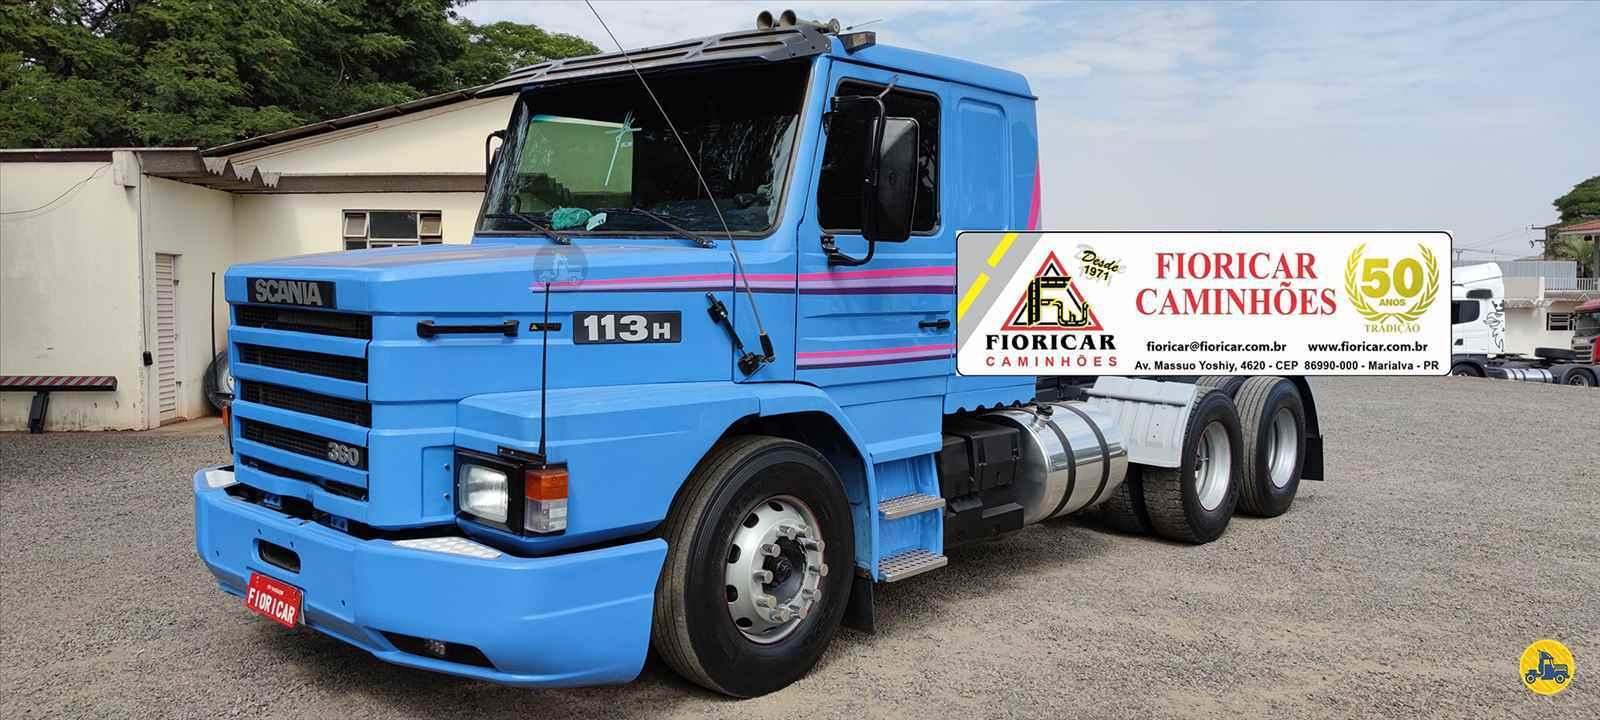 CAMINHAO SCANIA SCANIA 113 360 Cavalo Mecânico Truck 6x2 Fioricar Caminhões MARIALVA PARANÁ PR